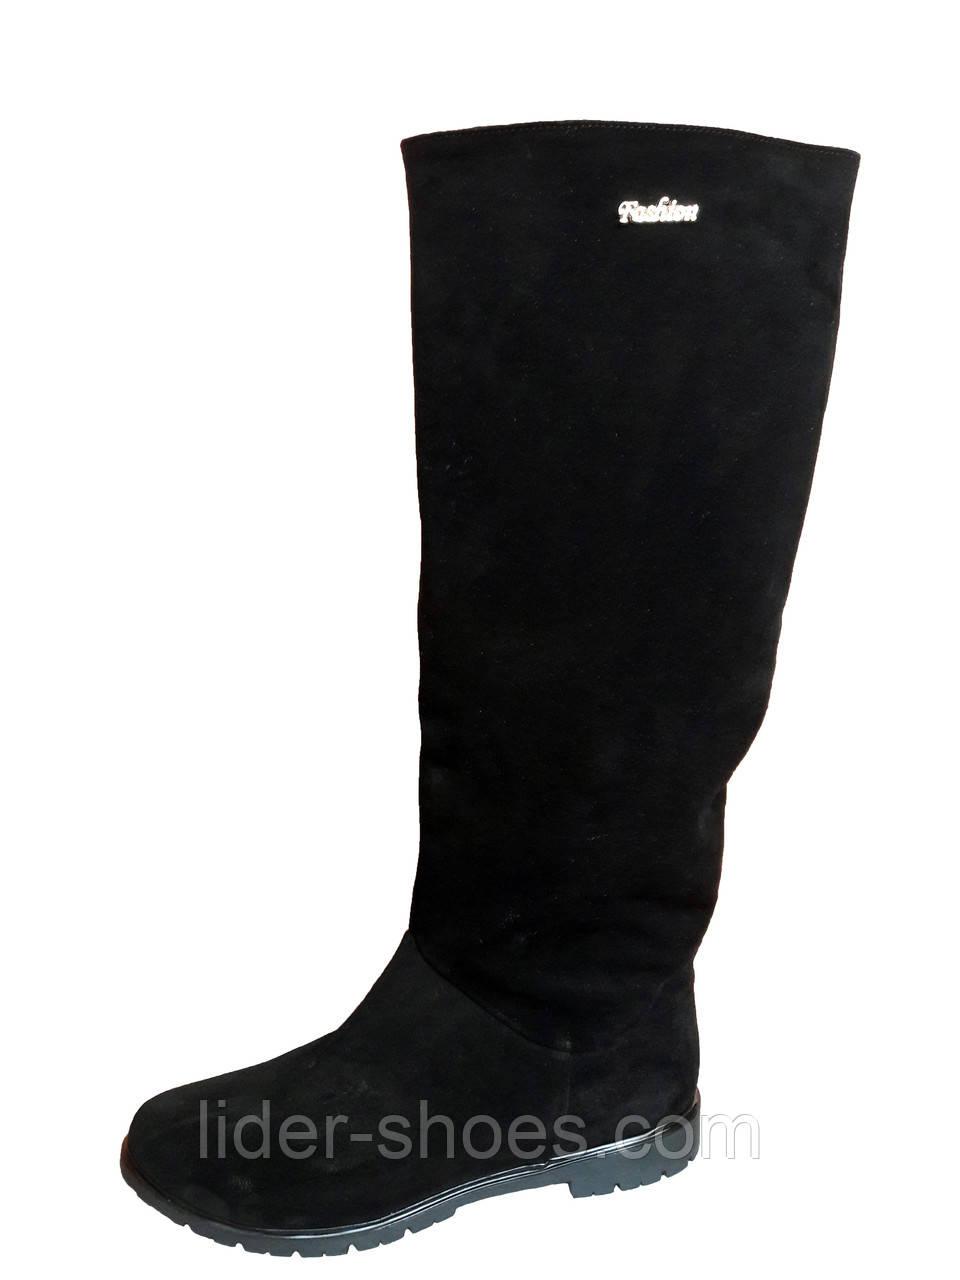 f00d93838 Женские замшевые сапоги без каблука - Интернет-магазин